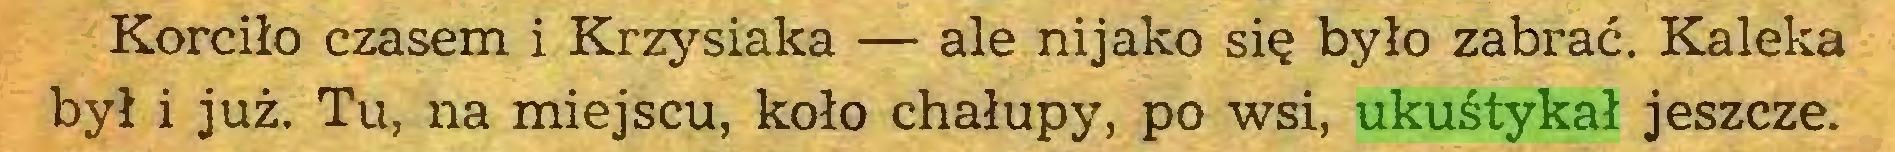 (...) Korciło czasem i Krzysiaka — ale nijako się było zabrać. Kaleka był i już. Tu, na miejscu, koło chałupy, po wsi, ukuśtykał jeszcze...